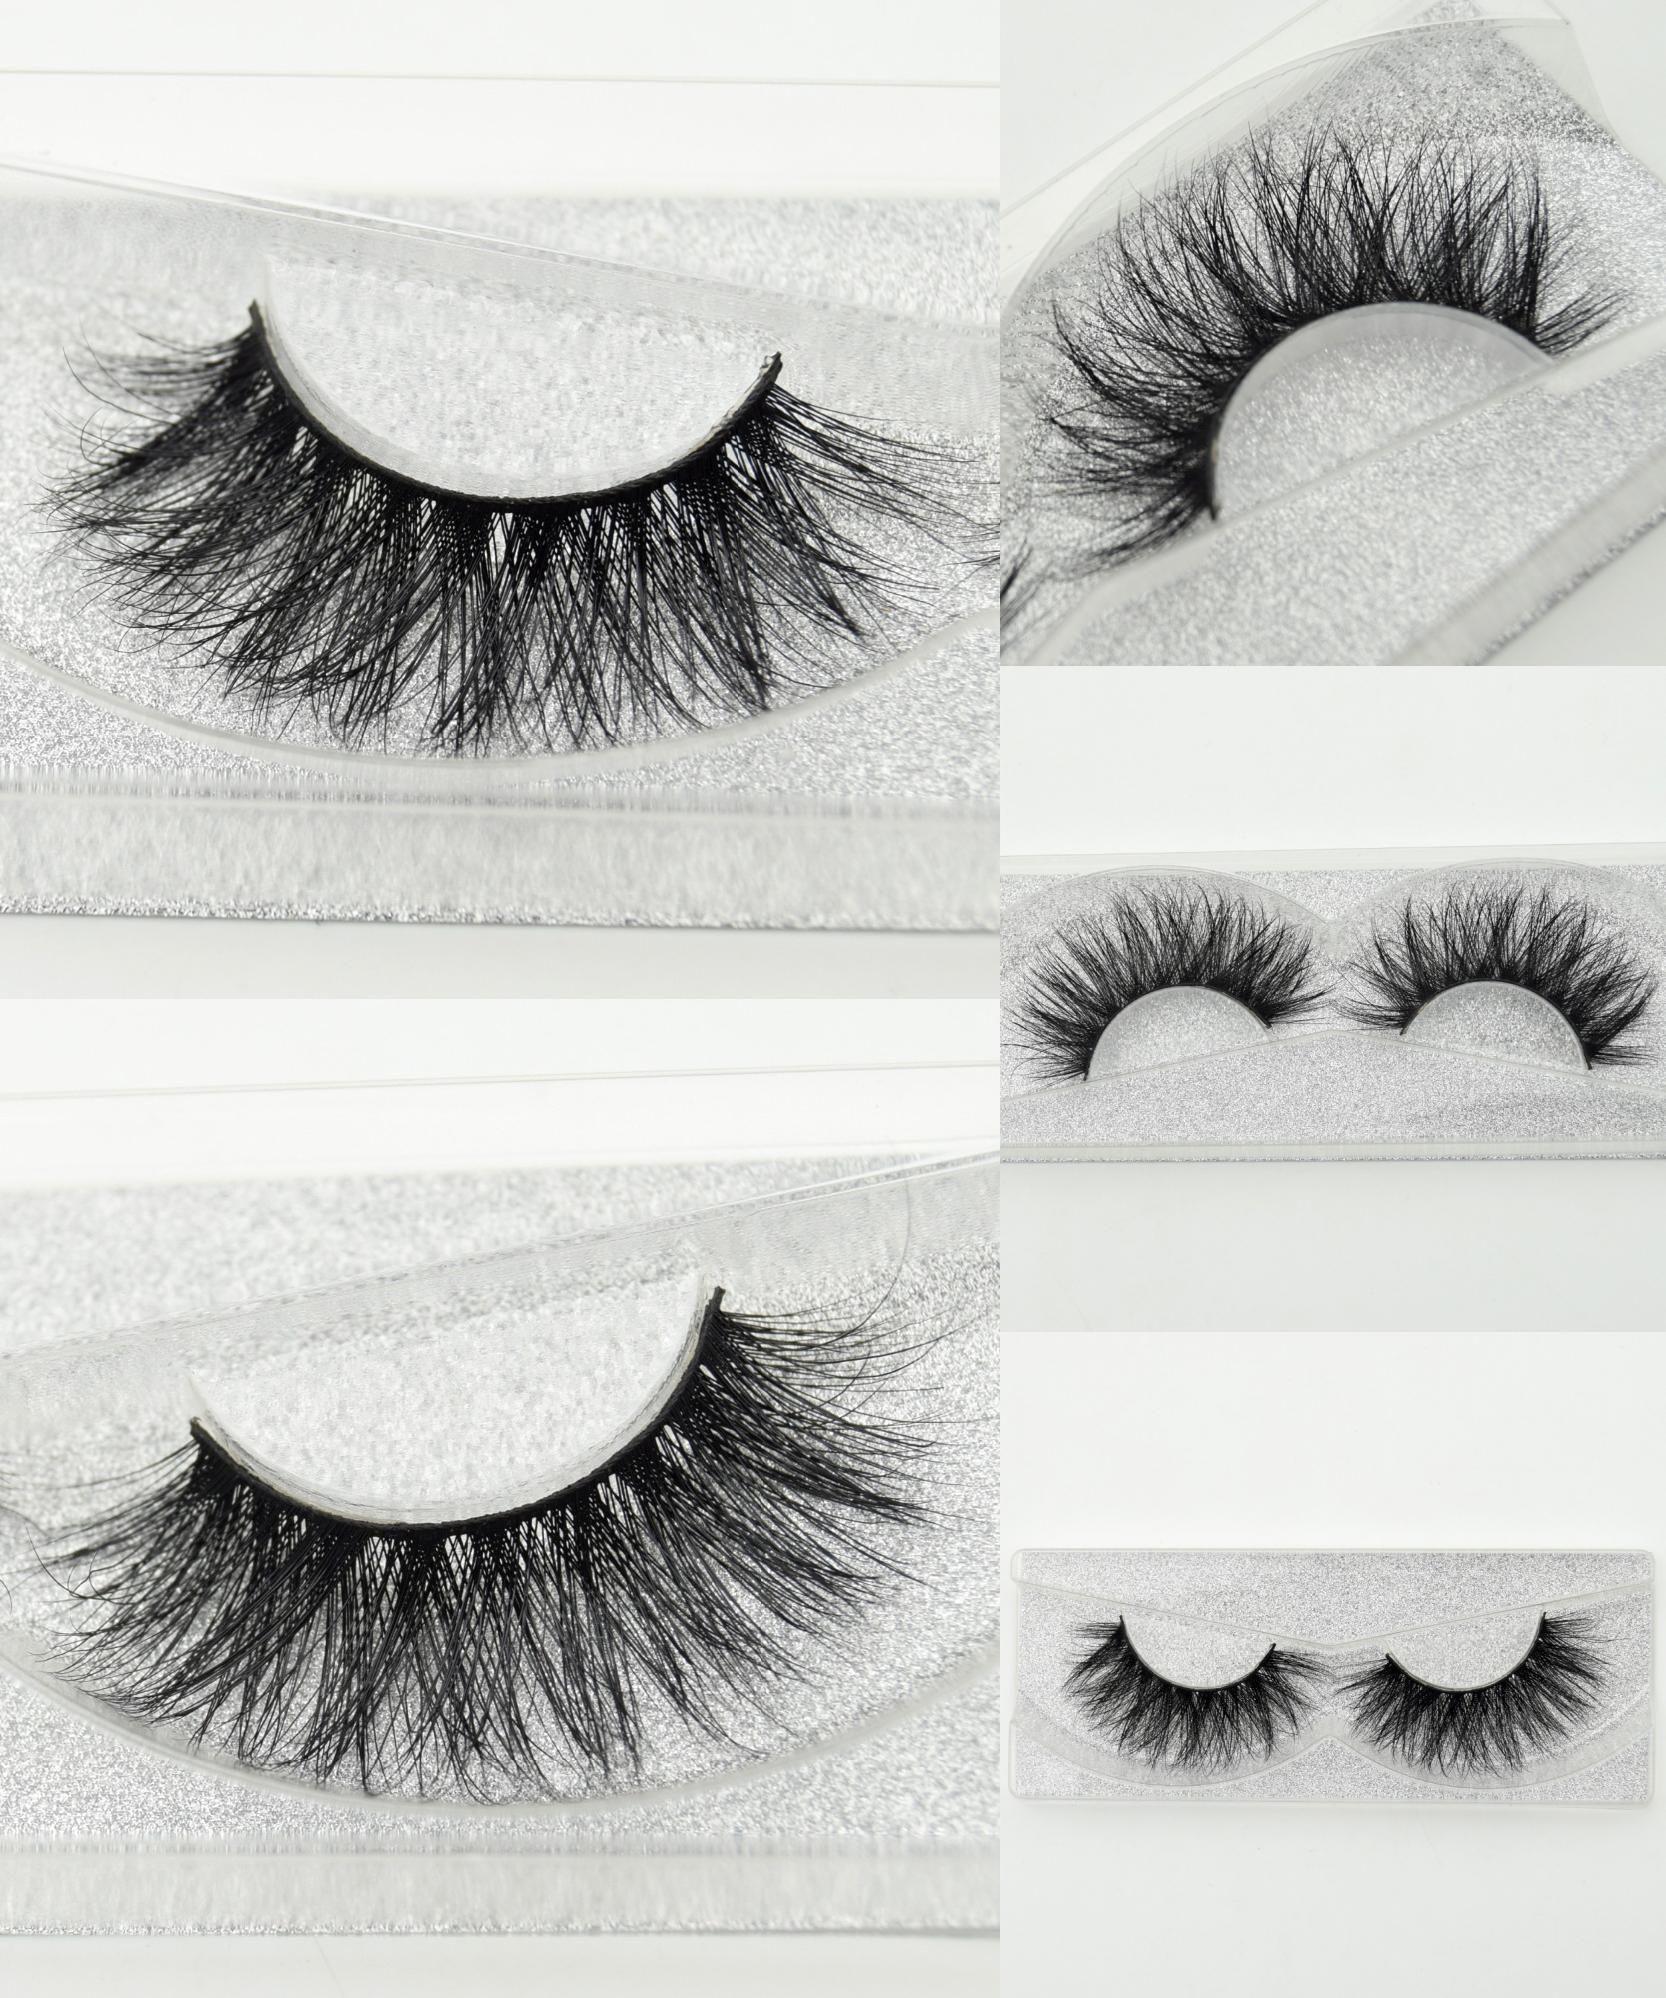 a561562ec40 [Visit to Buy] Visofree eyelashes 3D mink eyelashes long lasting mink lashes  natural dramatic volume eyelashes extension false eyelashes D22  #Advertisement